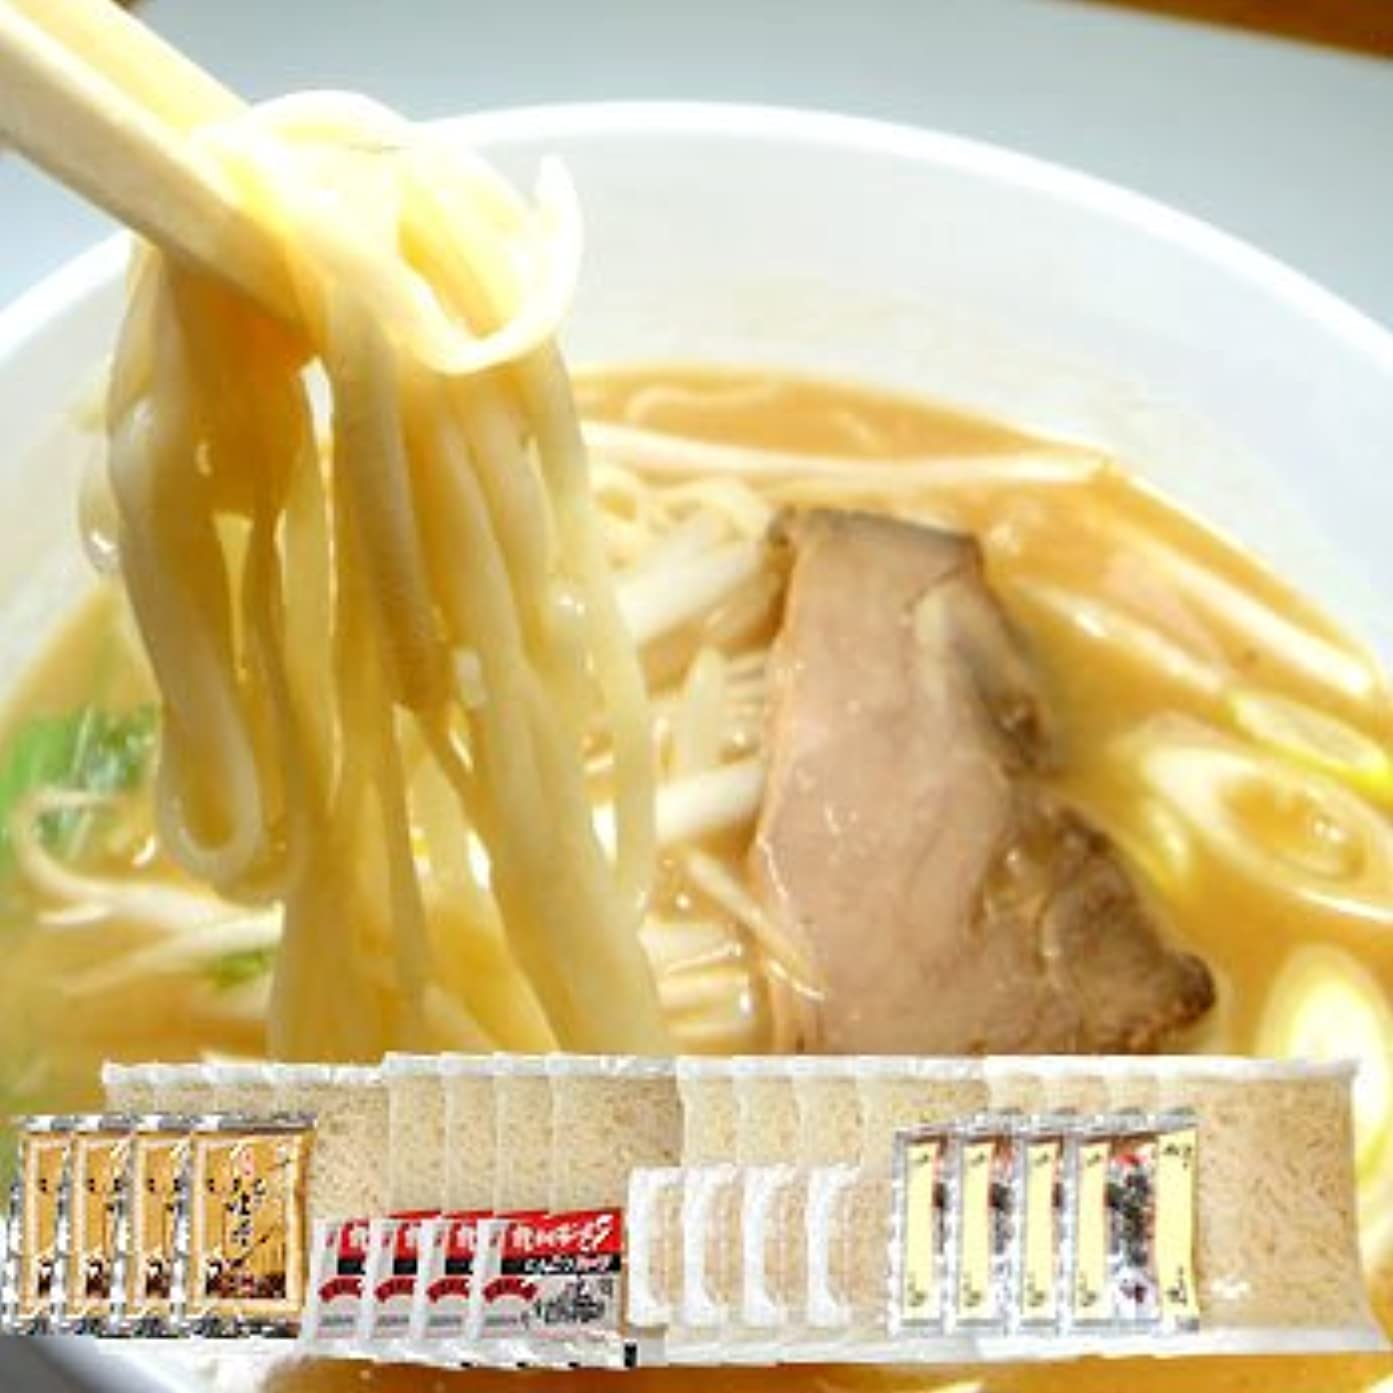 優先権酸っぱいとティームこんにゃくラーメン4味16食 (味噌4、醤油4、塩4、豚骨4)【ダイエット】【ヌードル】【麺】【コラーゲン配合選べるセット】